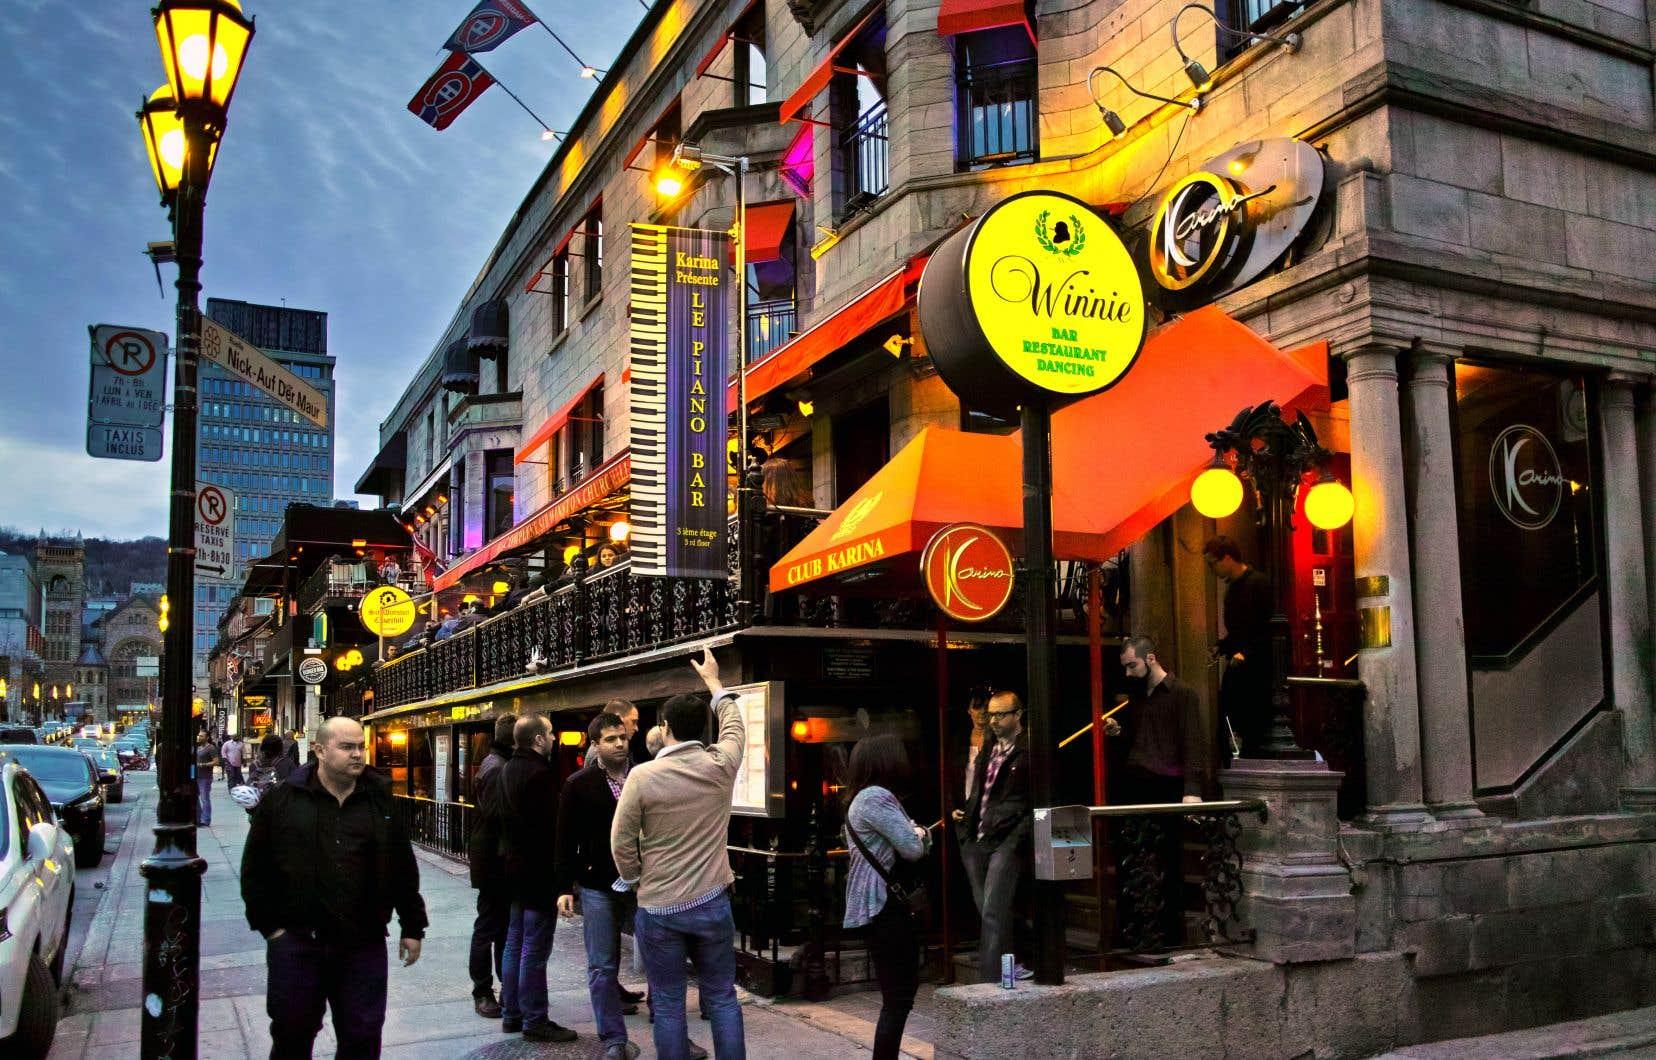 La Ville de Montréal cherche un commissaire au développement économique chargé d'élaborer une politique du bruit et de la vie économique nocturne.